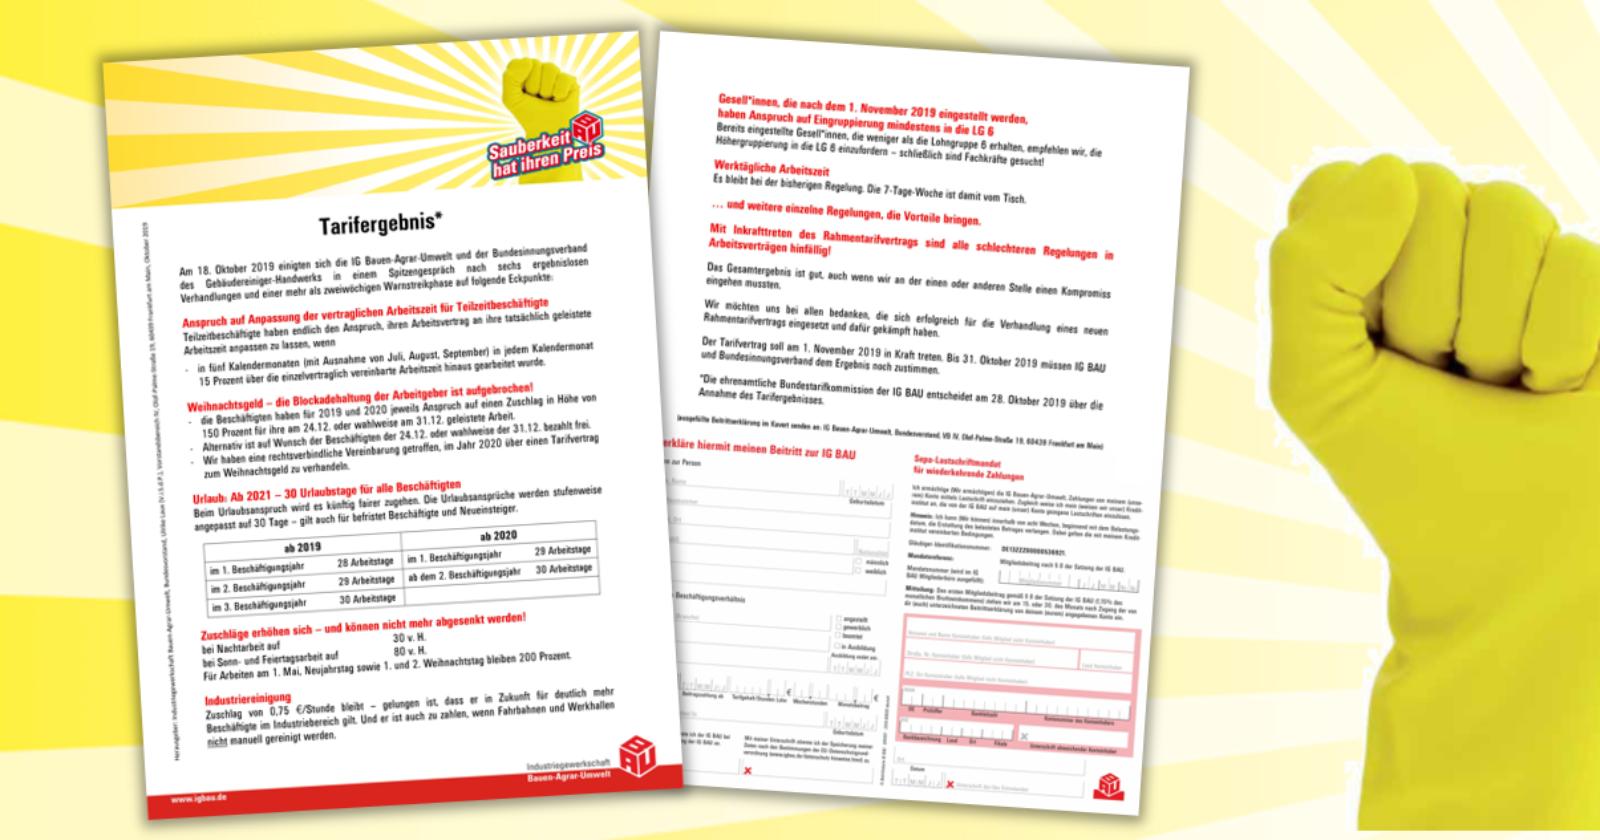 Flugblatt zum Tarifergebnis - Eckpunkte zur Neufassung des Rahmentarifvertrags im Gebäudereiniger-Handwerk